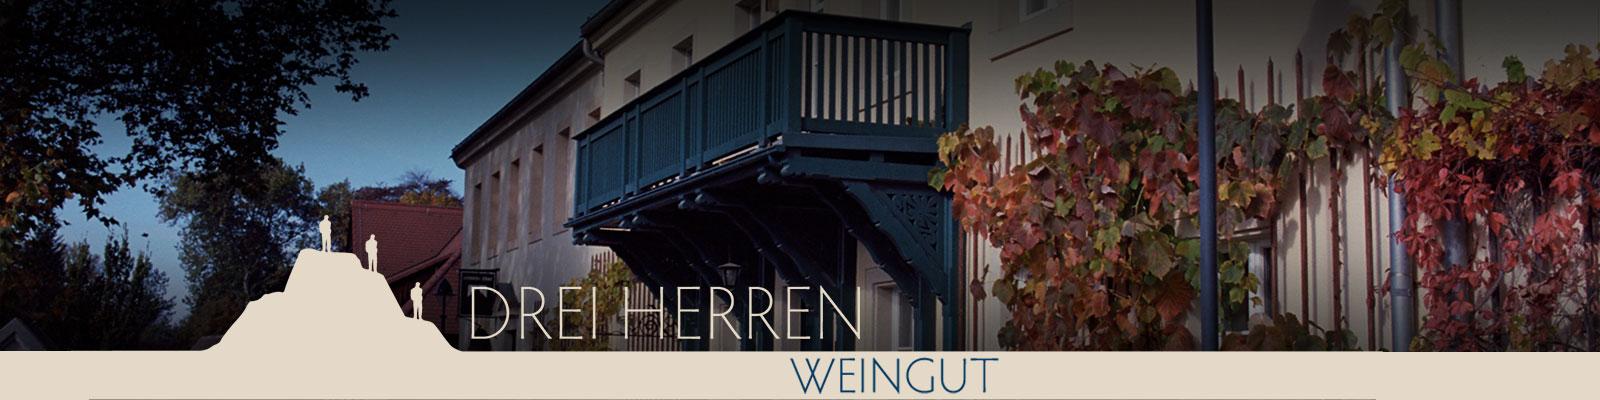 Header02_Weingut_1600x400